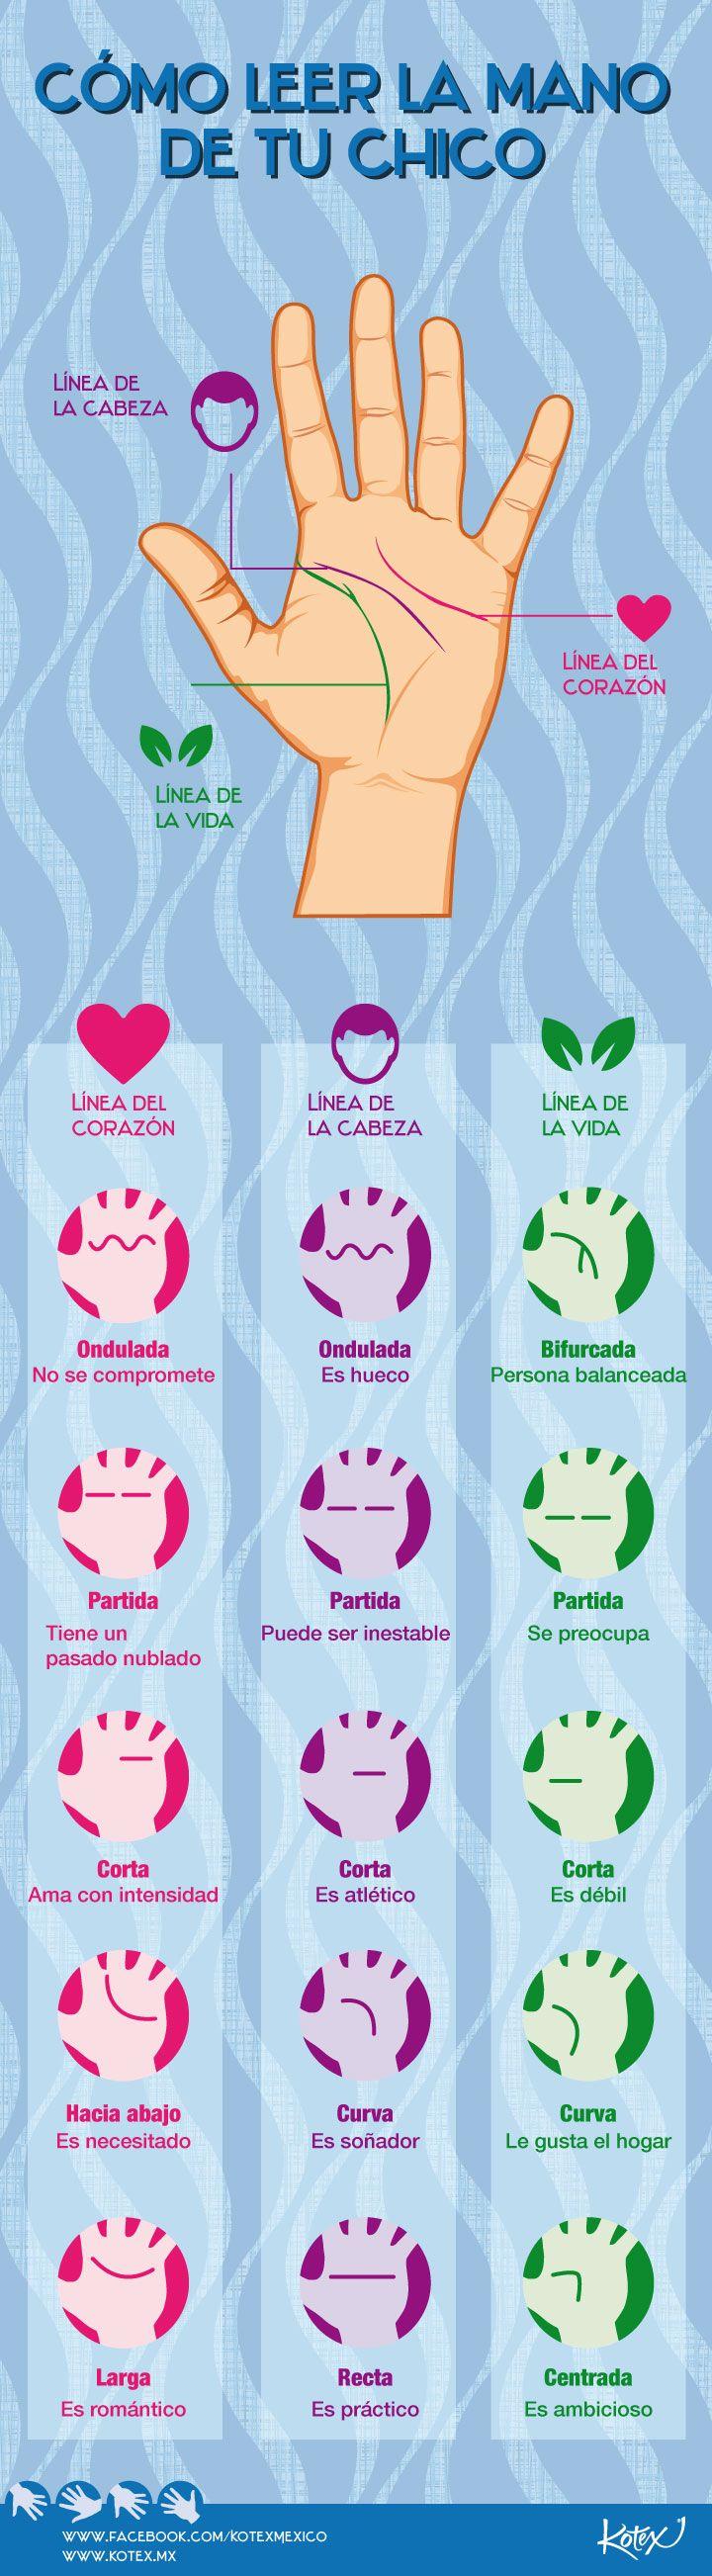 ¿Cómo leer la mano de tu chico?     #infografia #mano #leemano #dream #quiromancia #tutorial #DIY